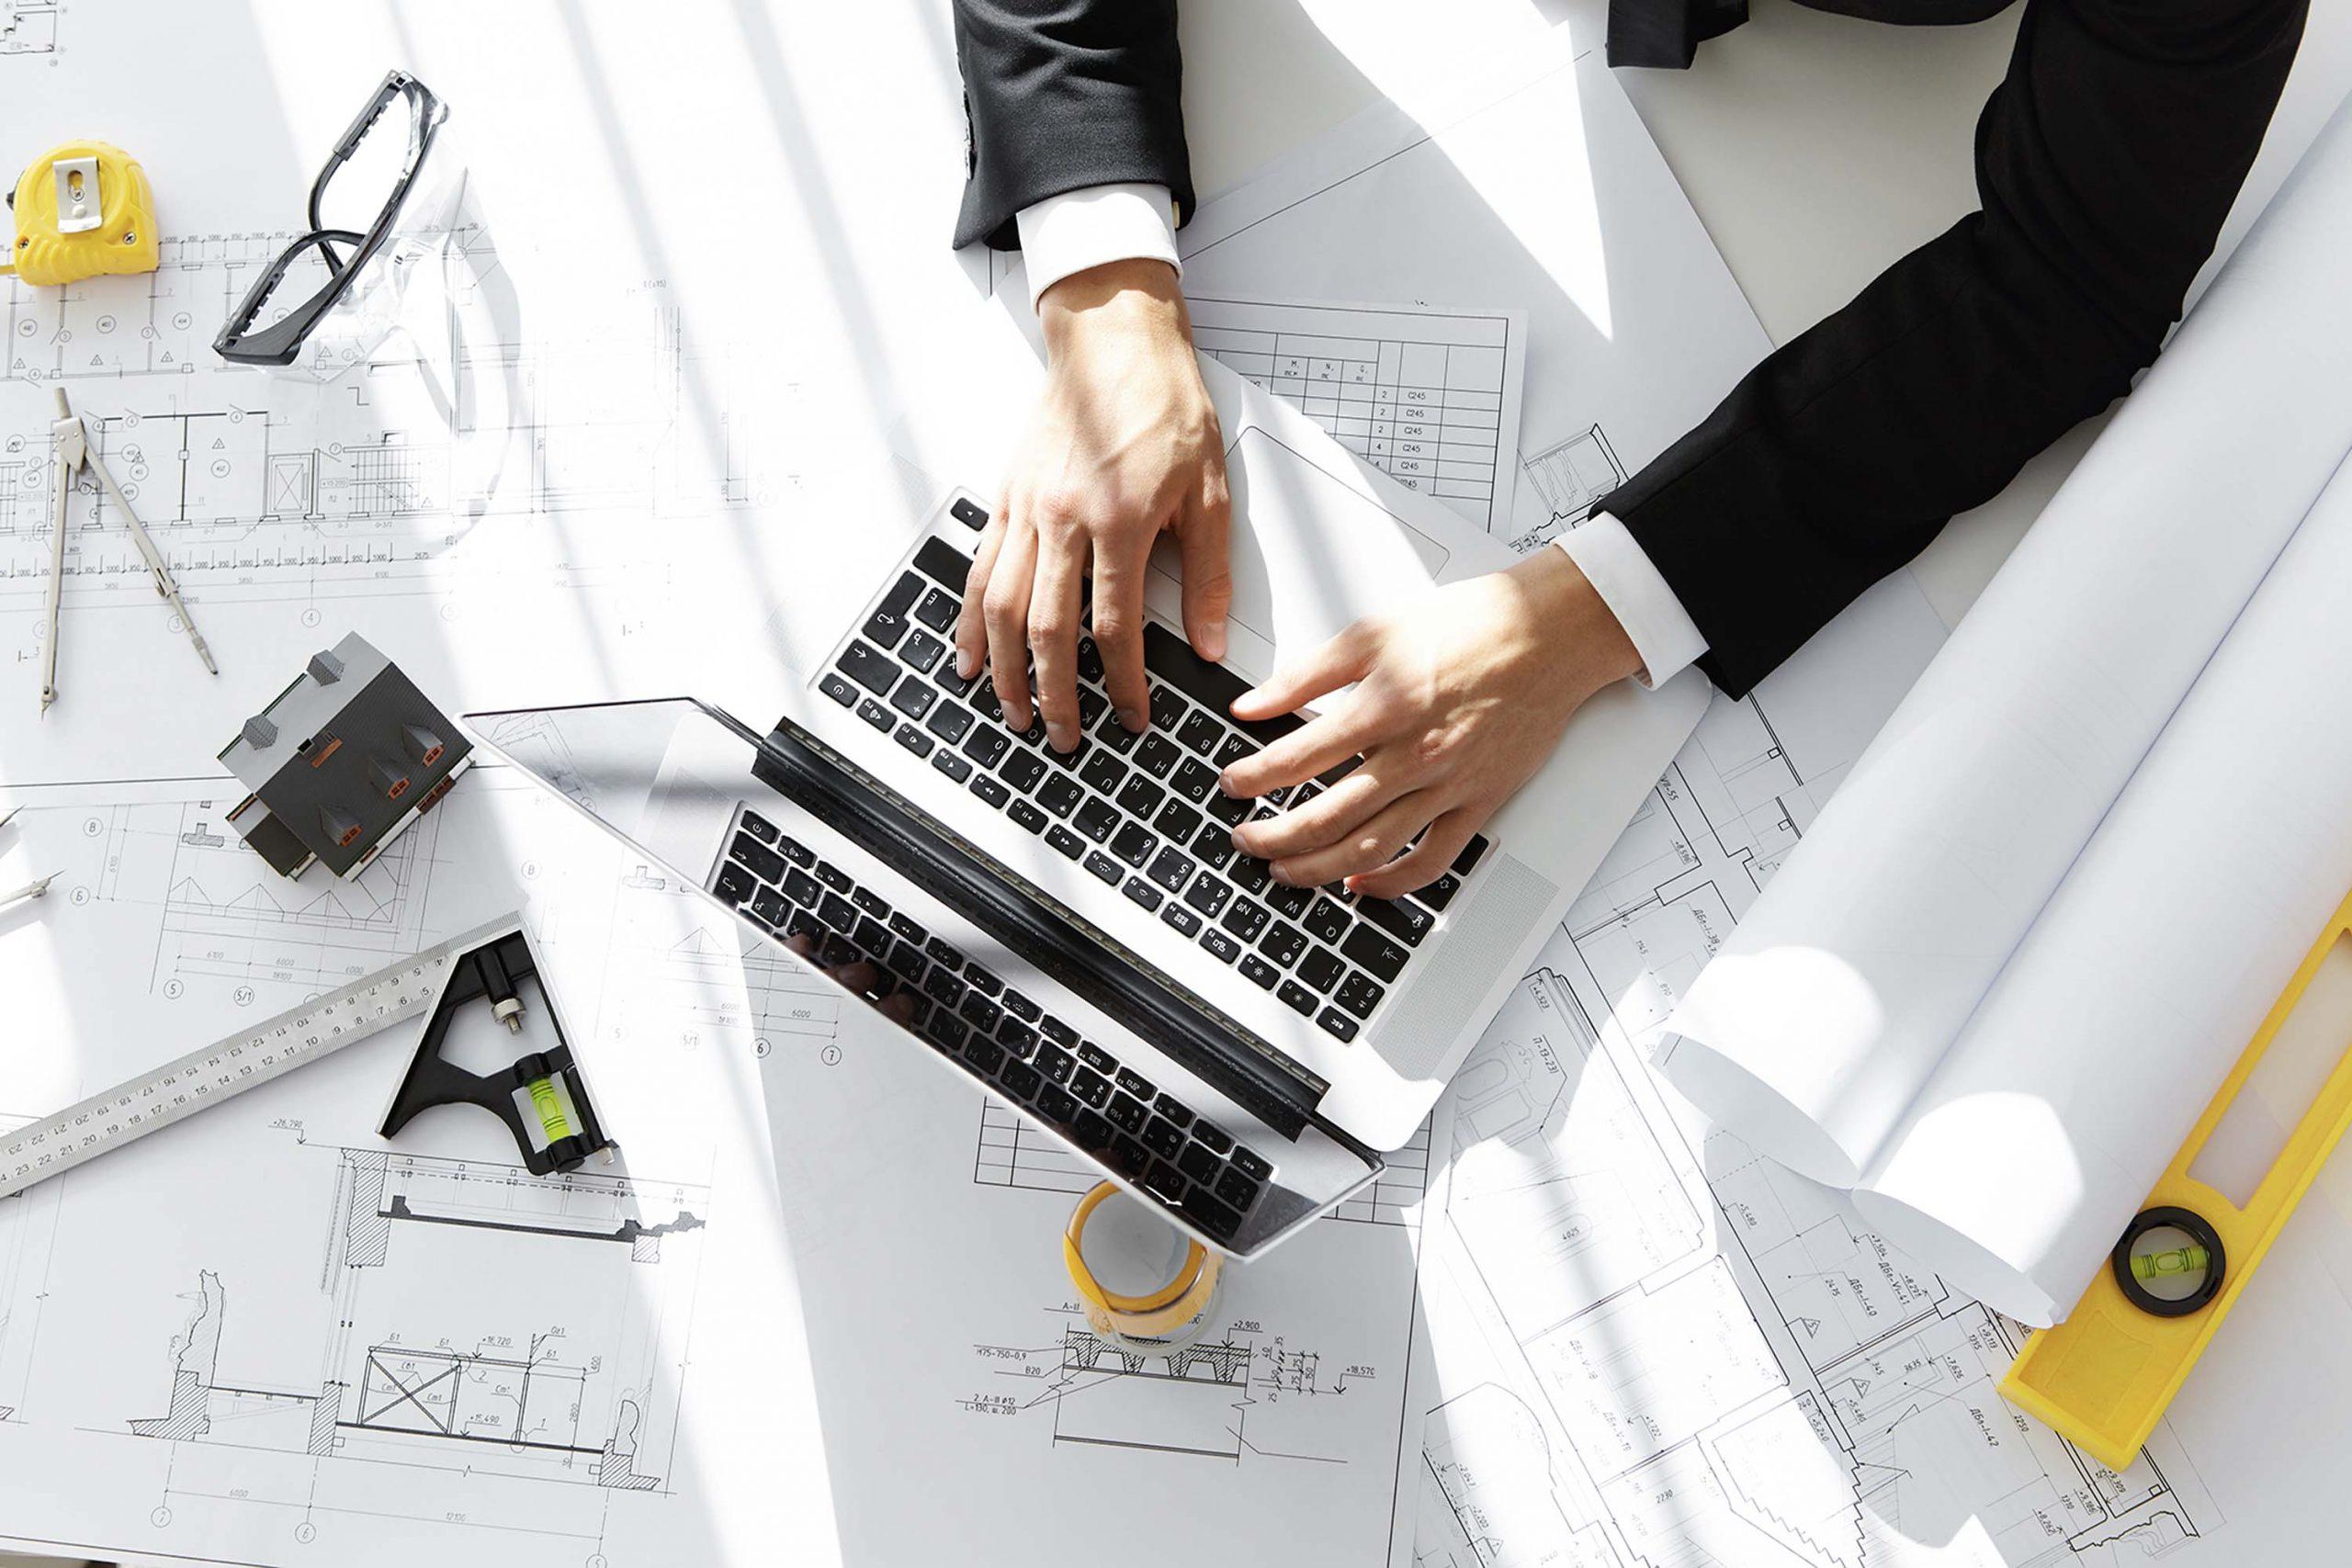 realizzazione nuovi progetti ingegneria - Contatti Stesia Engineering